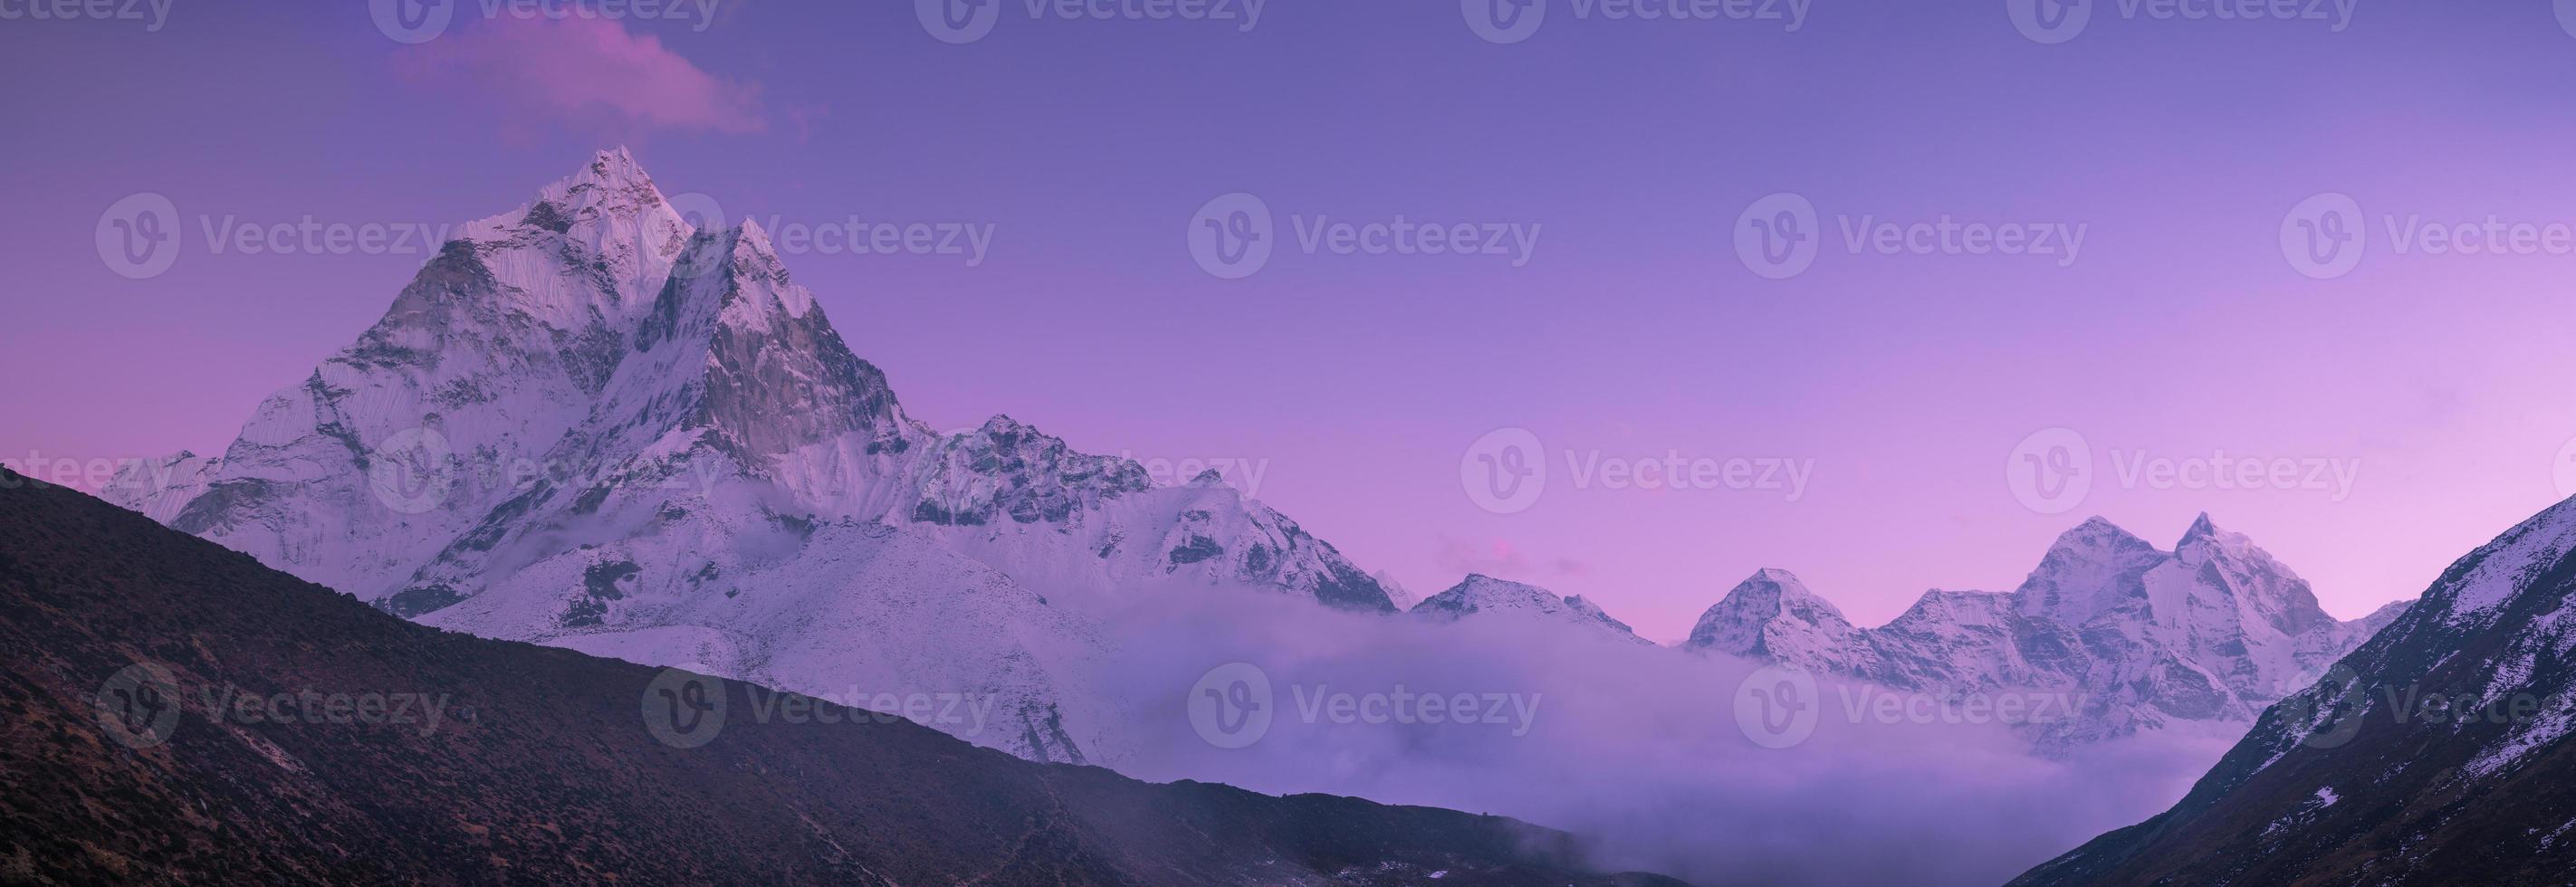 Ama Dablam Peak y púrpura puesta de sol en el Himalaya foto